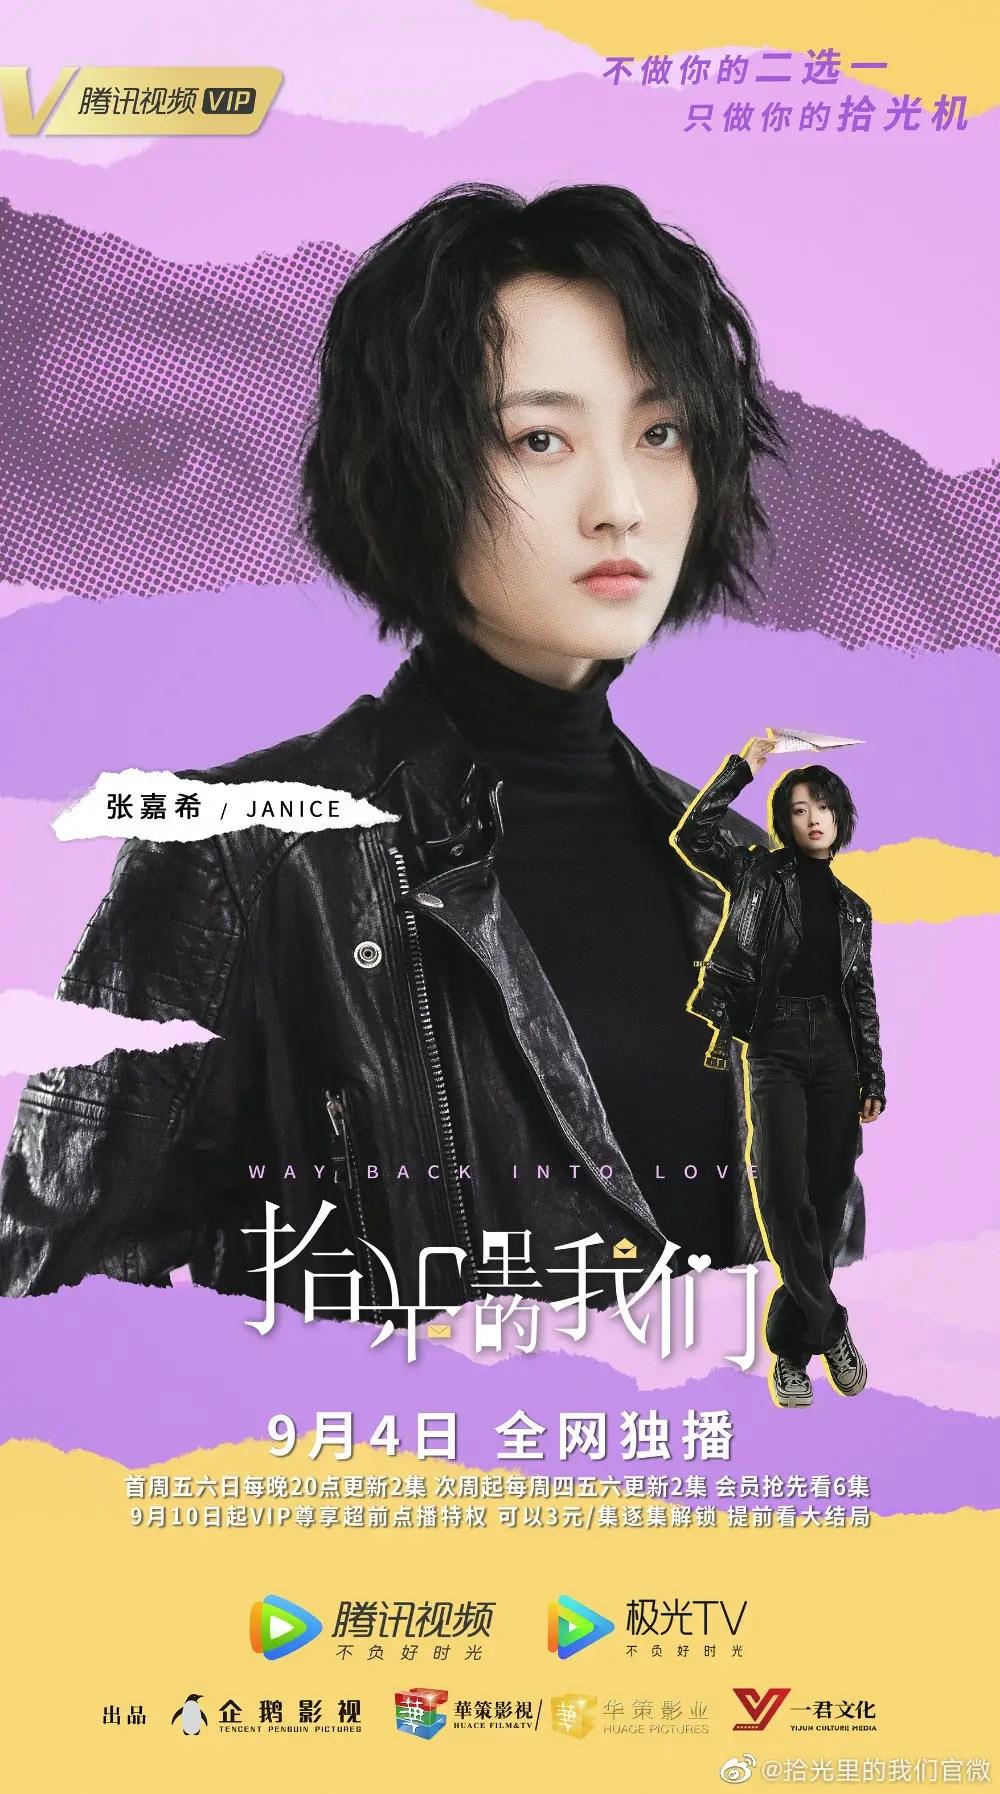 Zhang Jia Xi